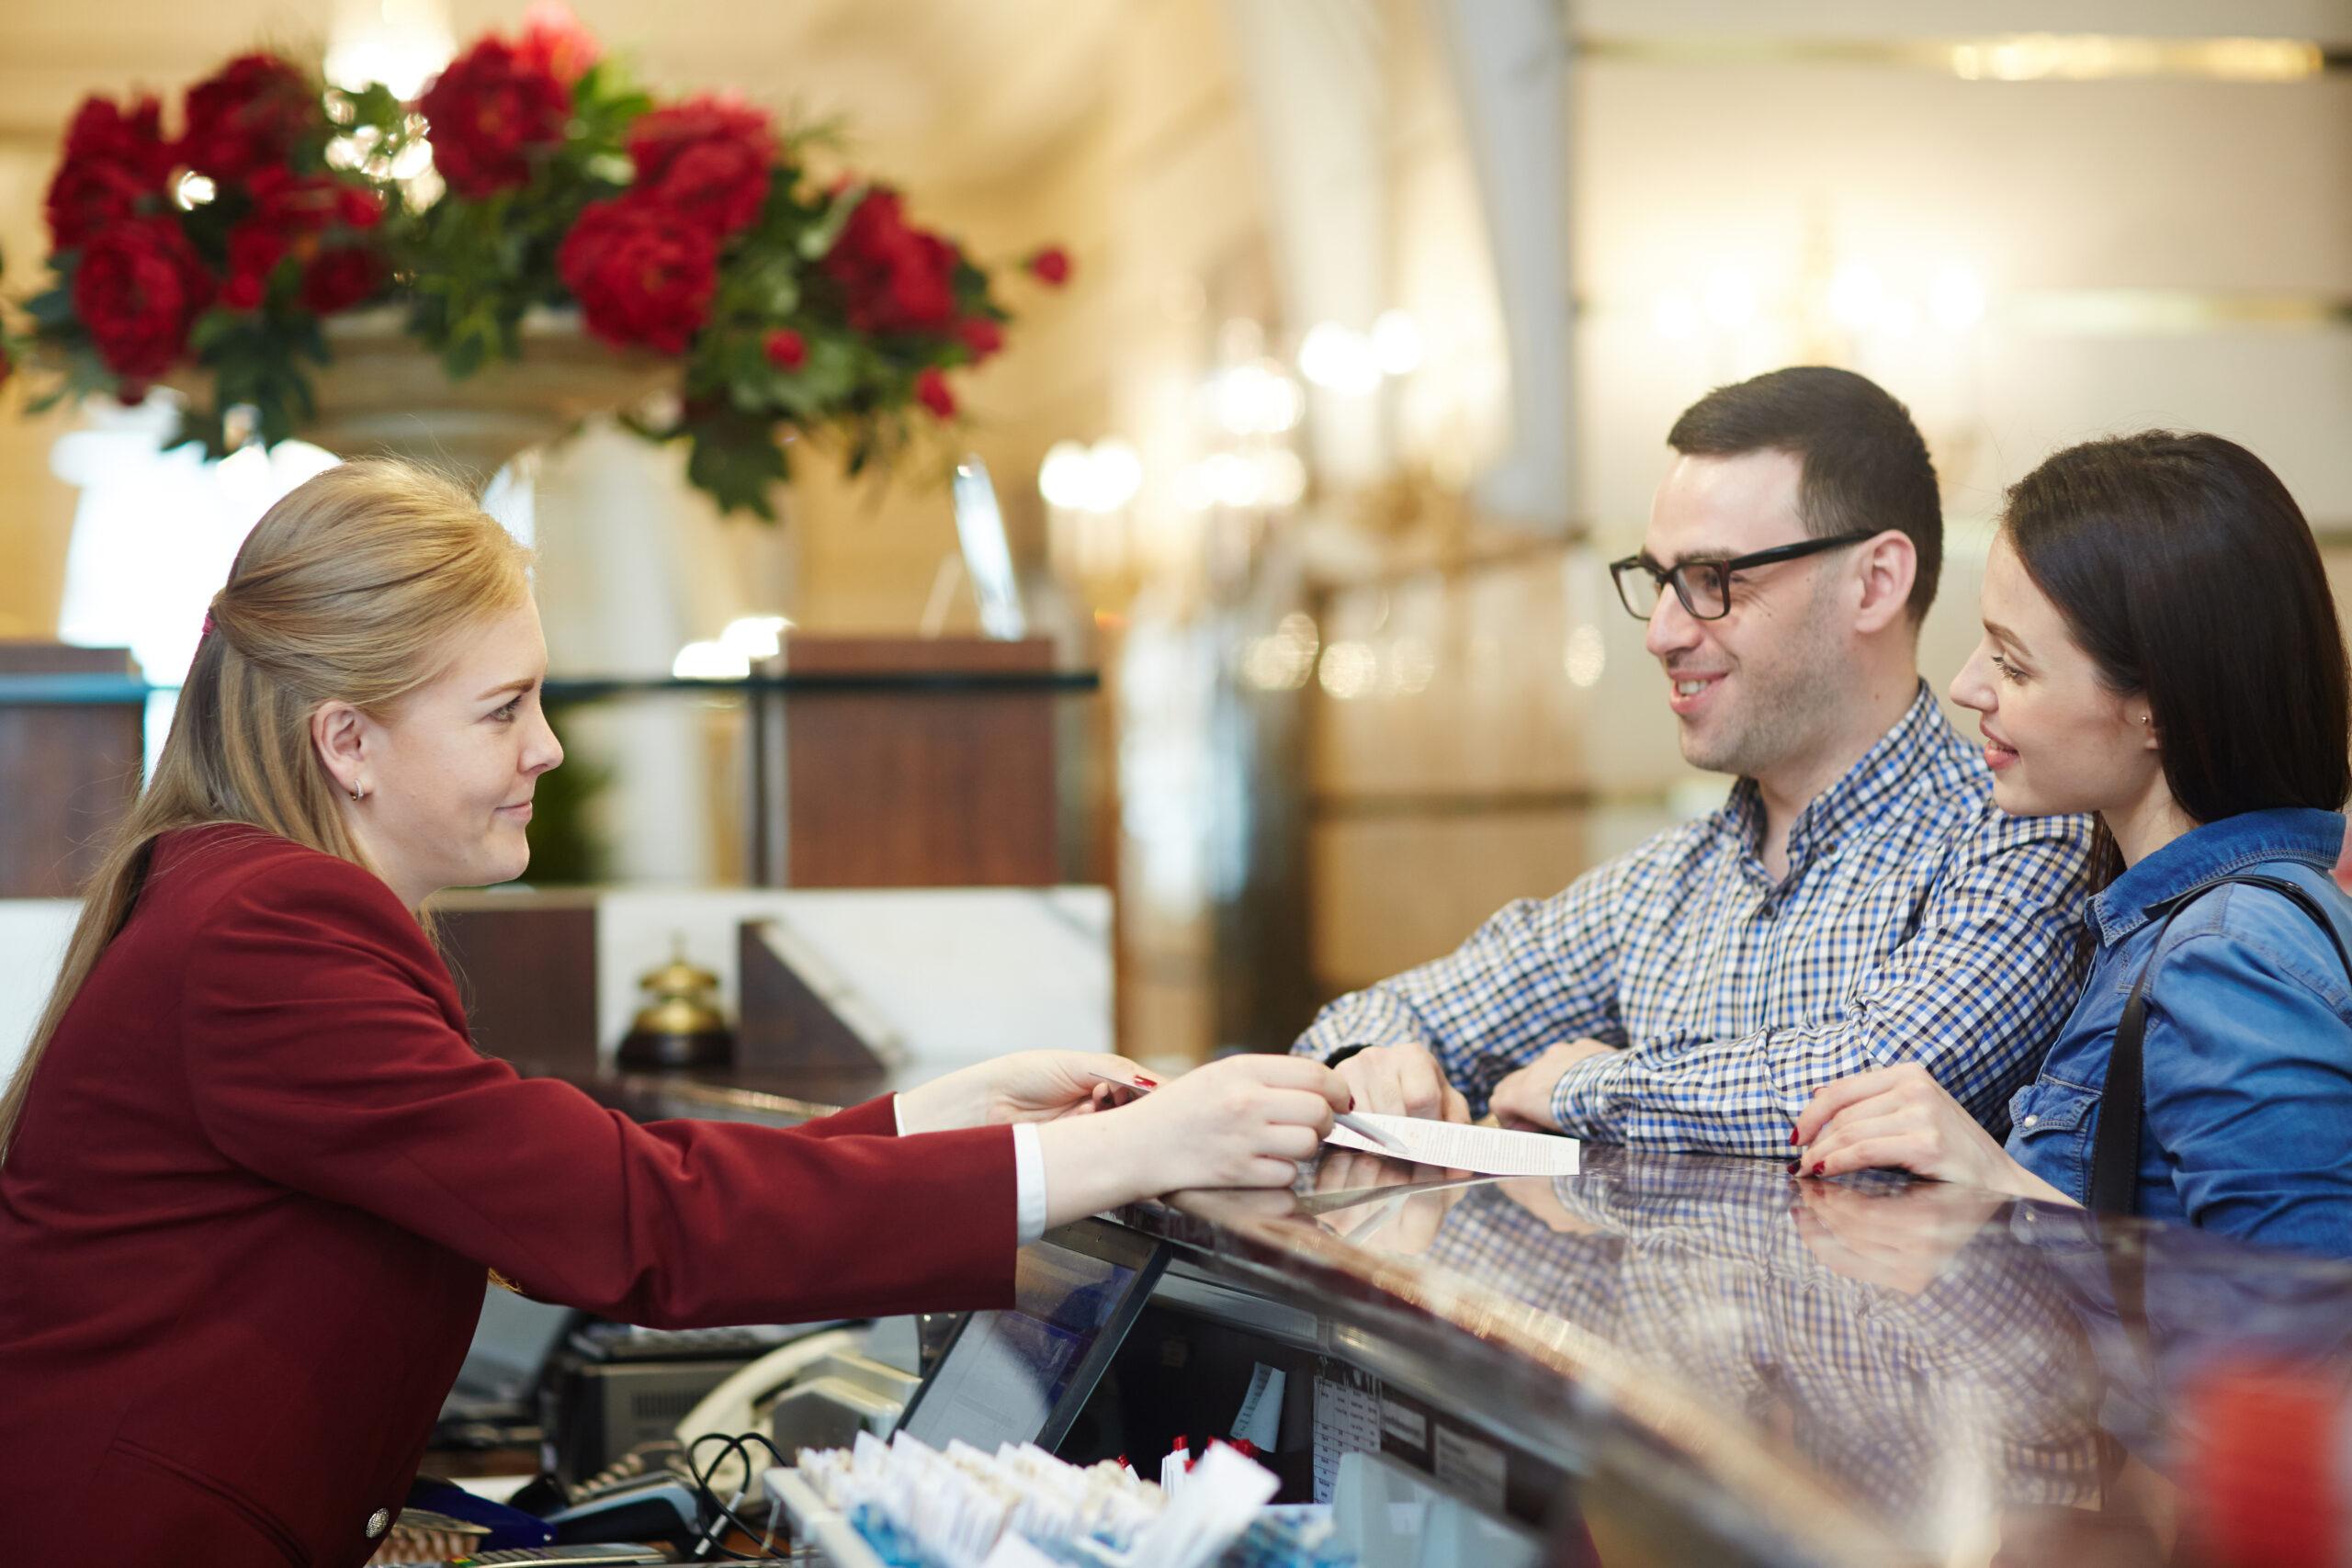 Διαφήμιση ξενοδοχείου στο διαδίκτυο